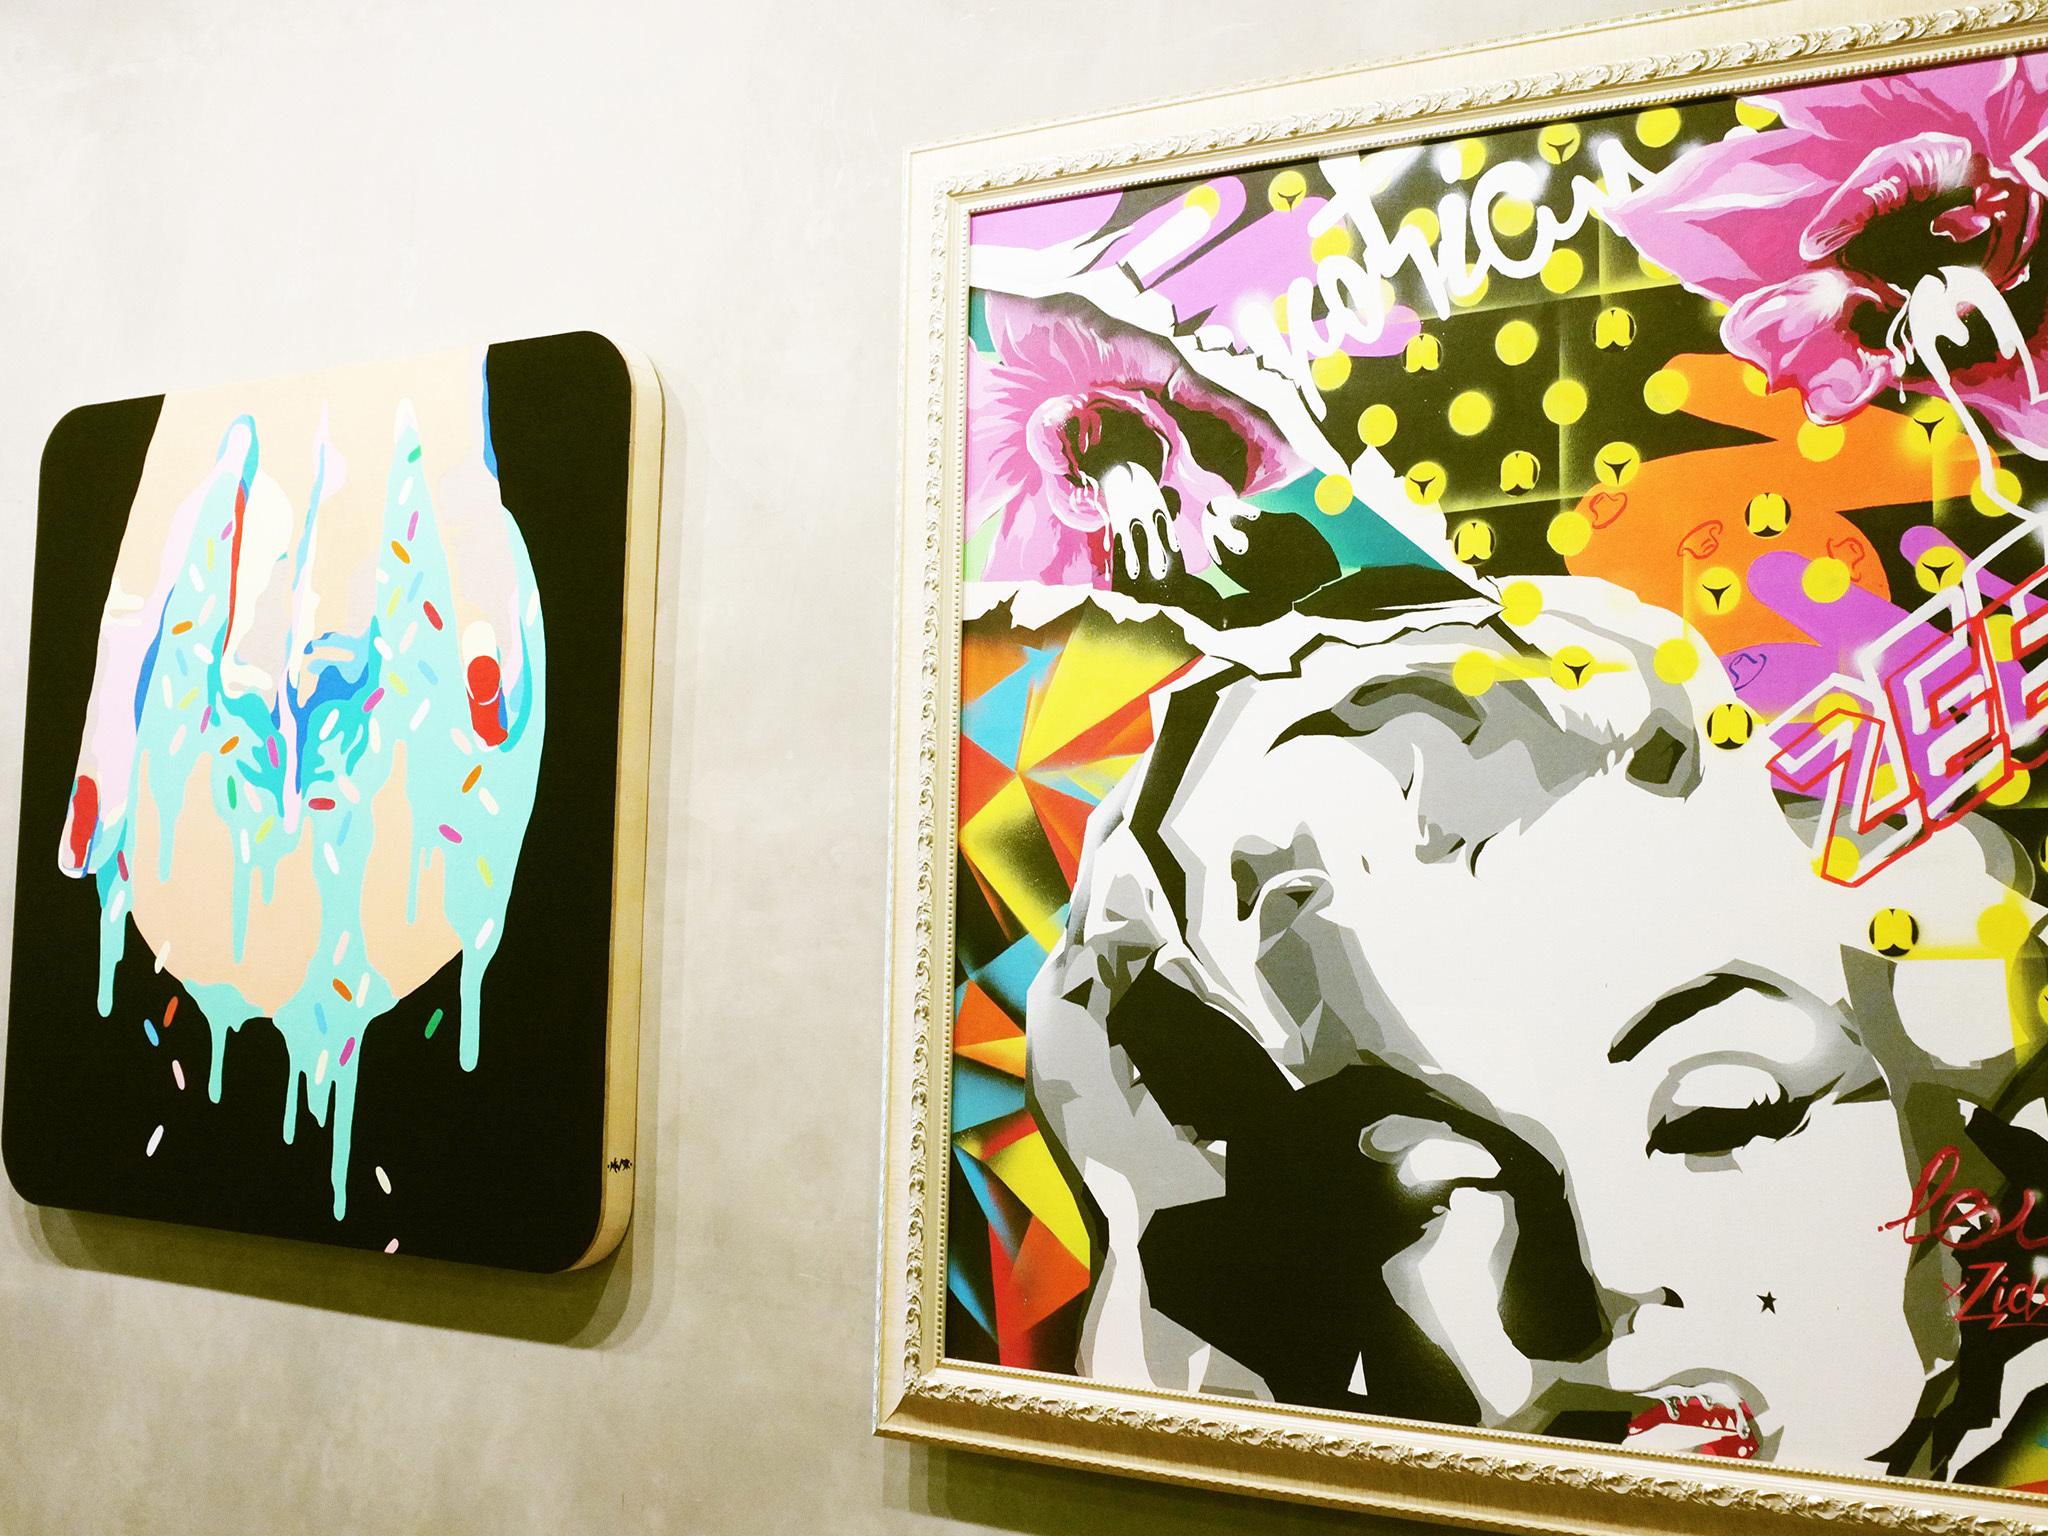 หอศิลป์ในกรุงเทพฯ ห้ามพลาด